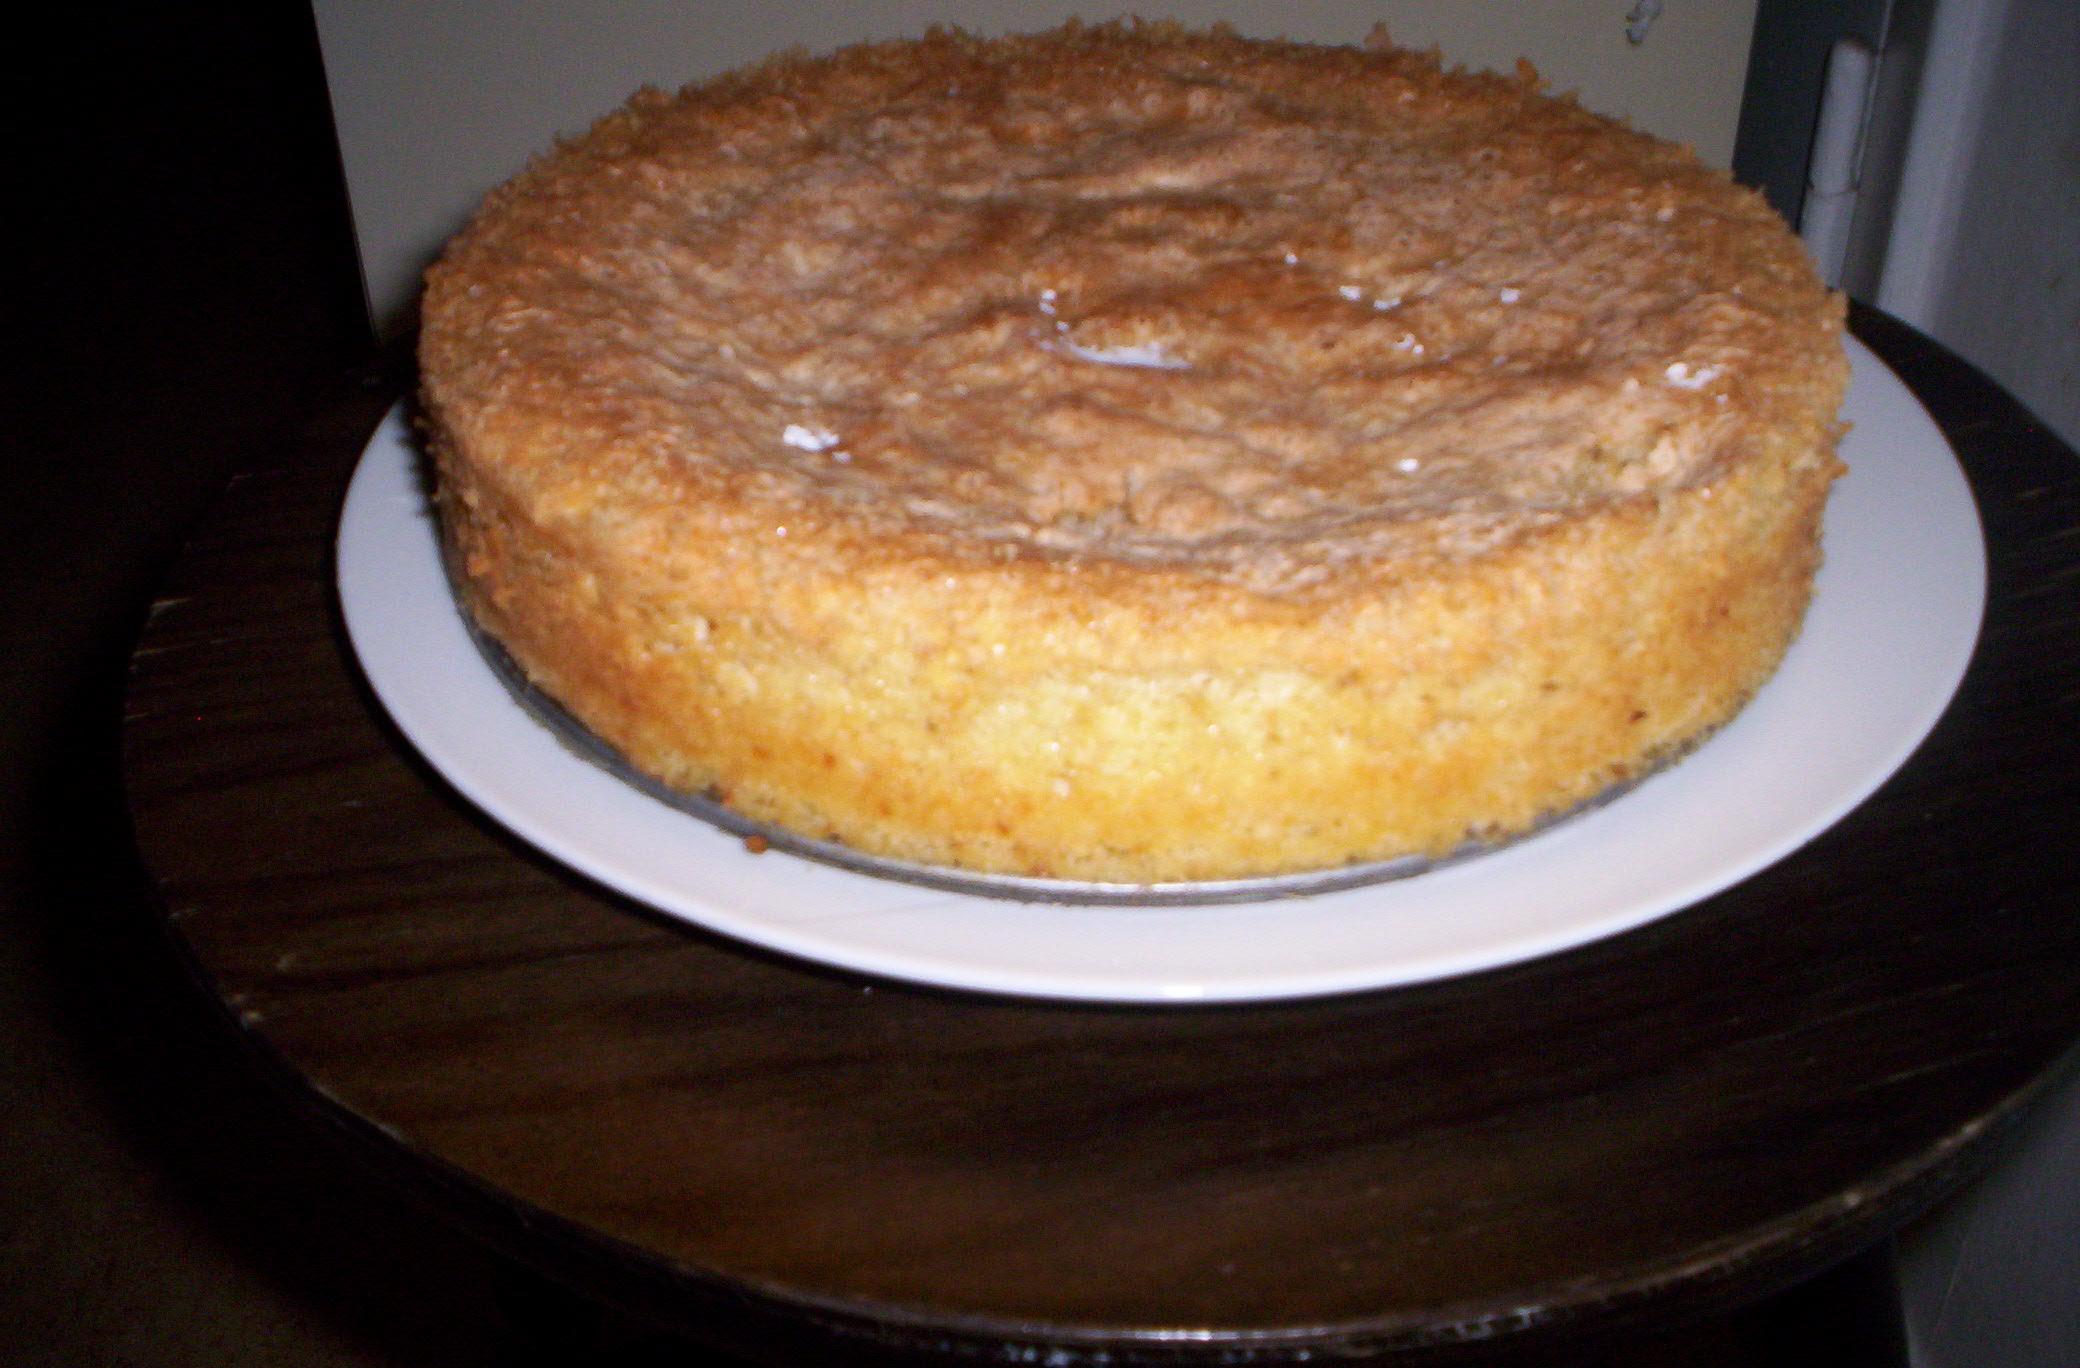 Bästa tårtbotten utan fett